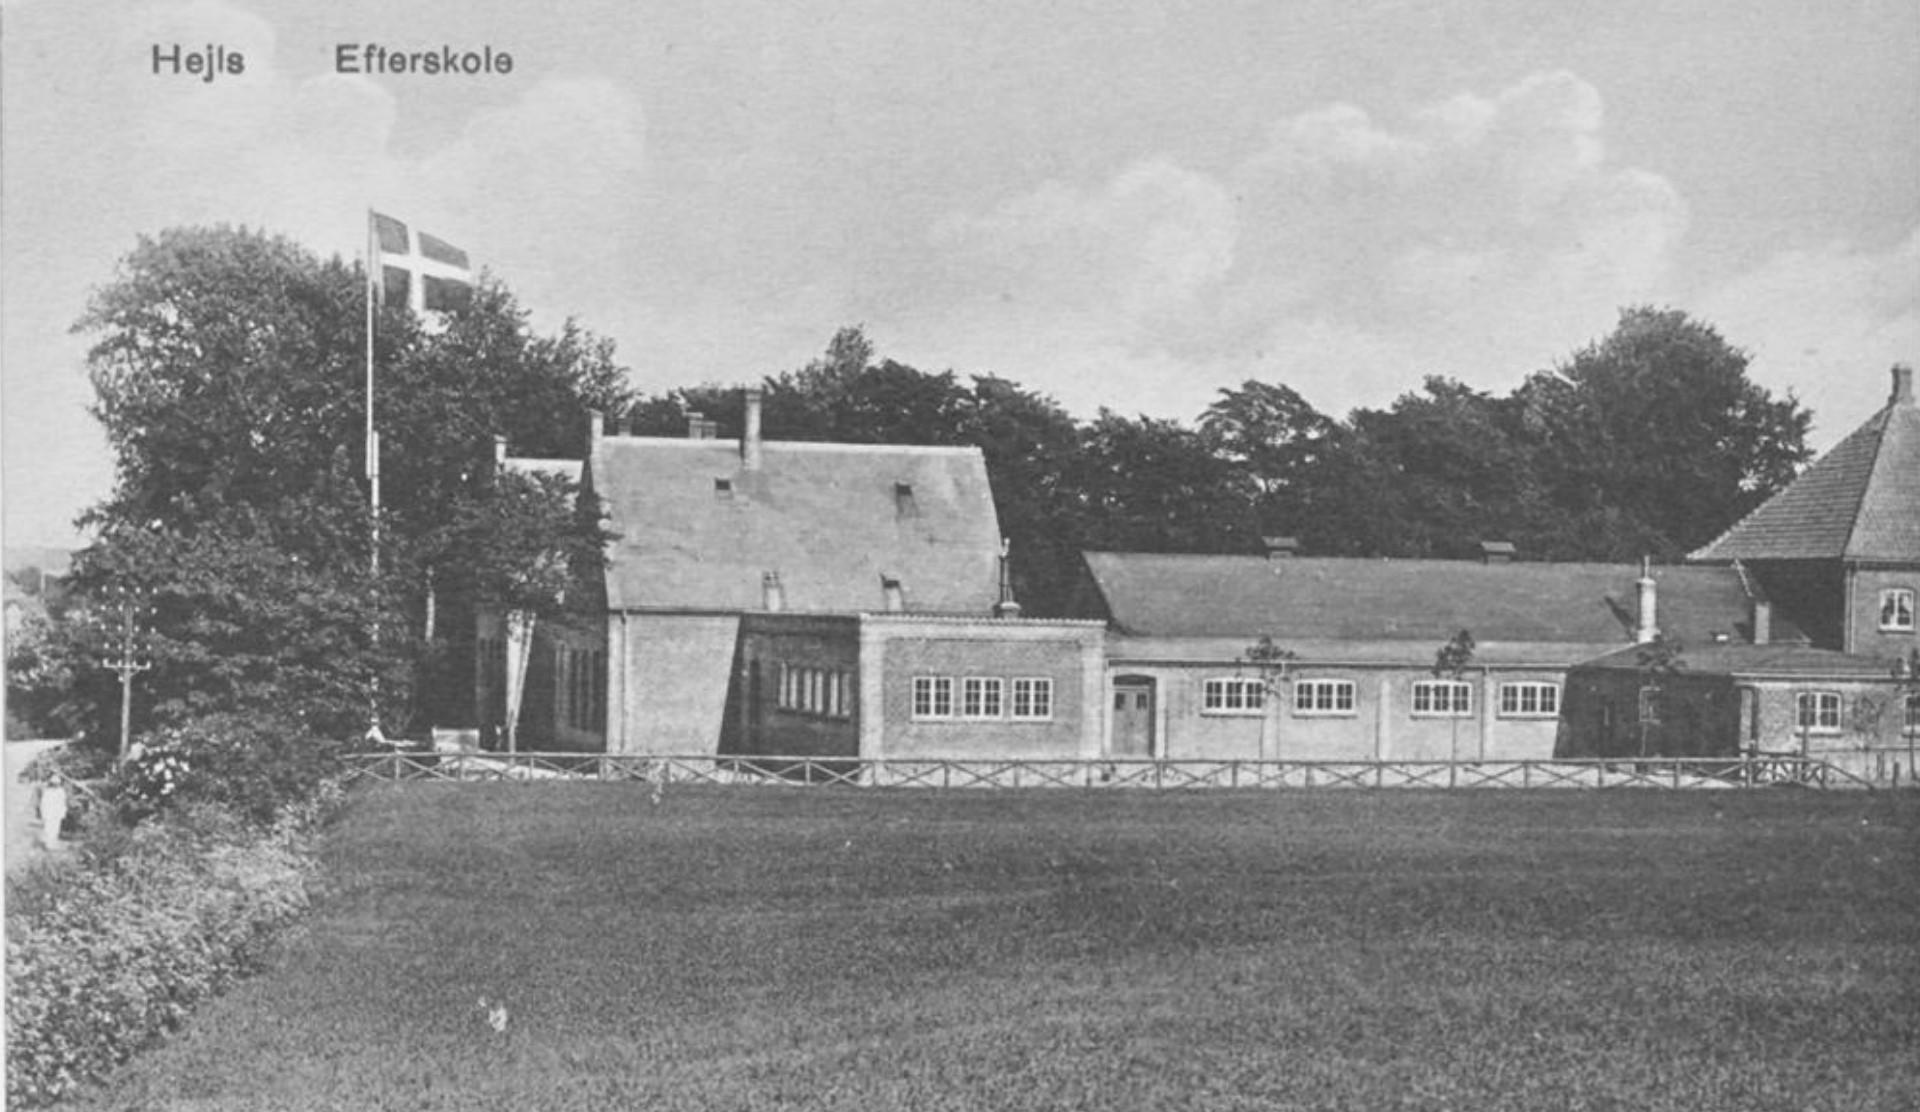 HejlsEfterskole1910-580bce47